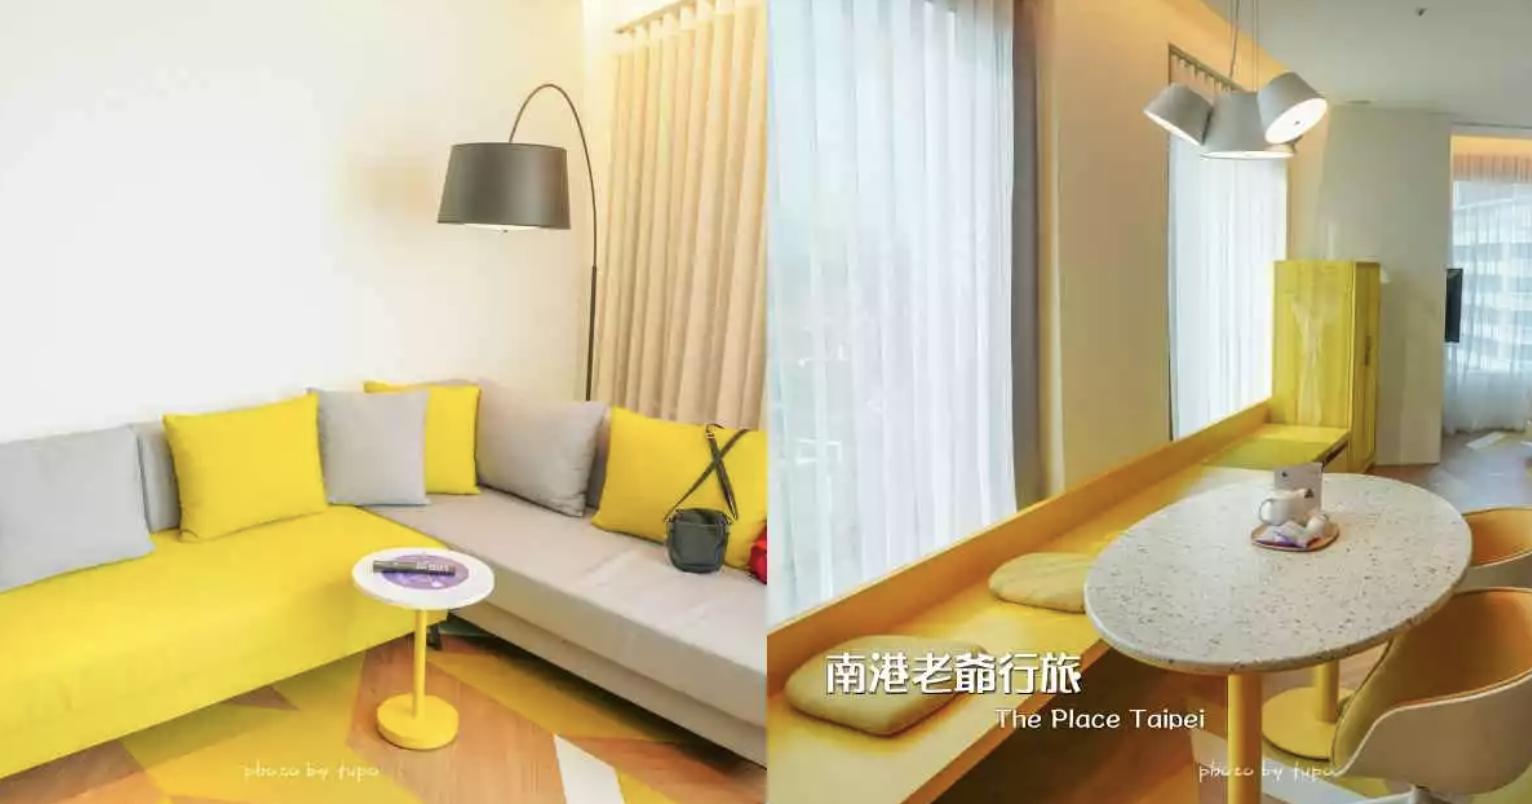 今日熱門文章:台北住宿推薦》都市渡假風!南港老爺行旅 The Place Taipei ,最大行旅套房搭配大面景觀窗,河岸市景一次擁有,大眾運輸便利